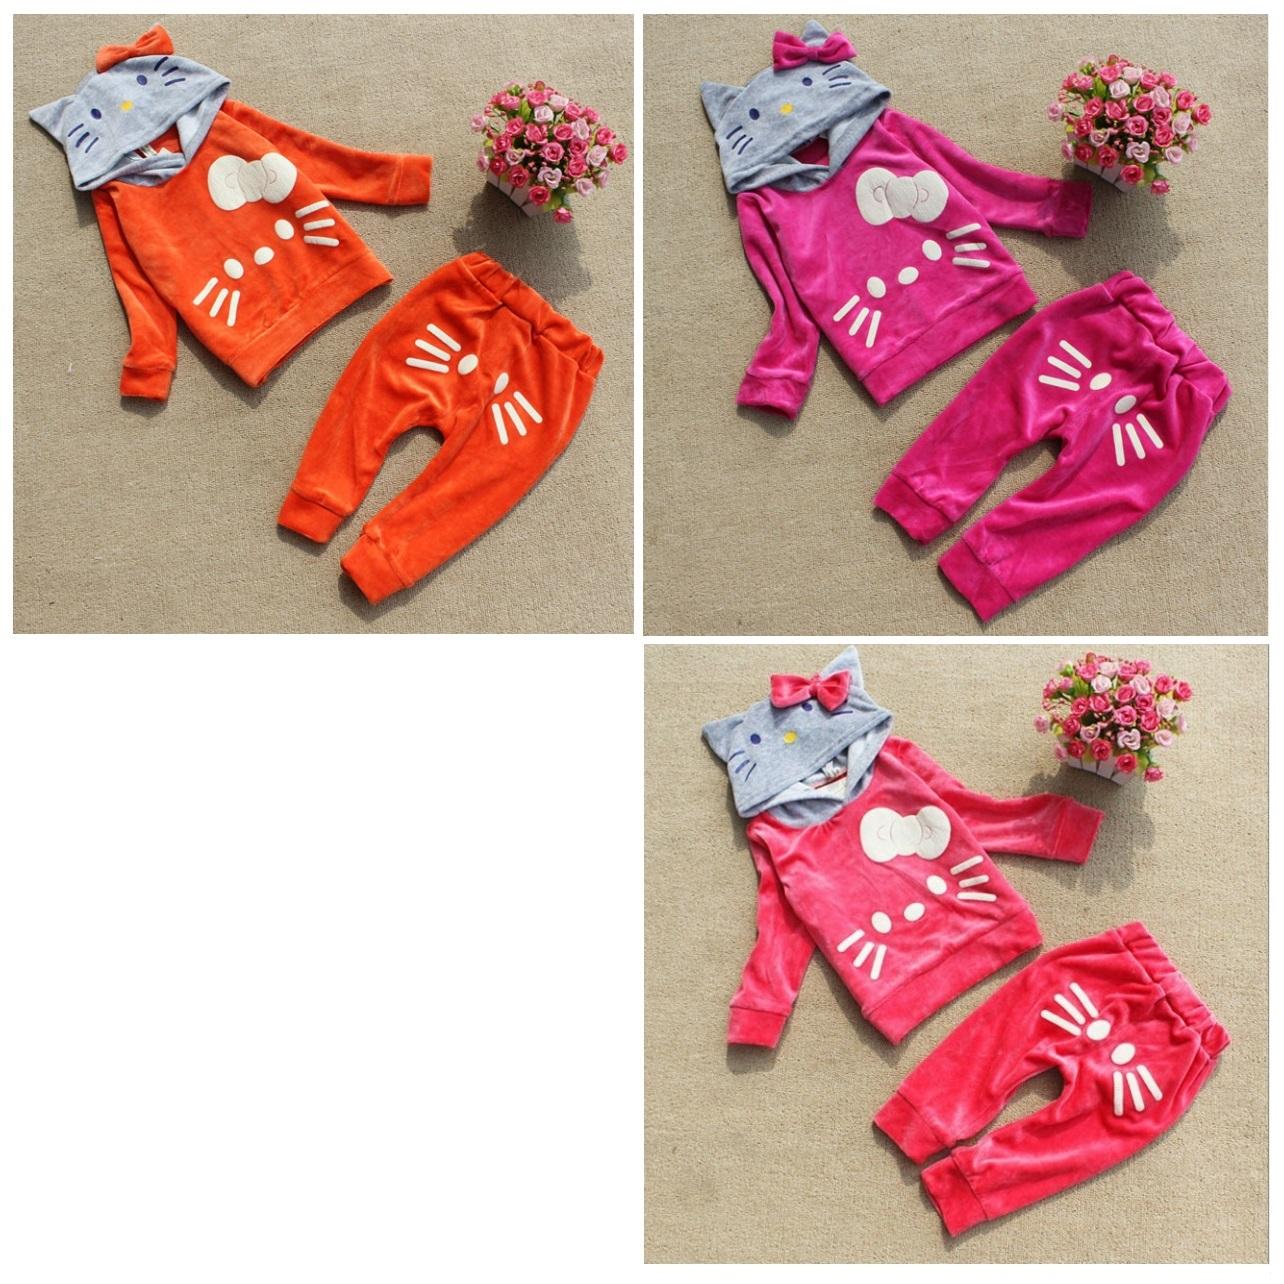 Dětská tepláková souprava - Hello Kitty / dnk-13-01283